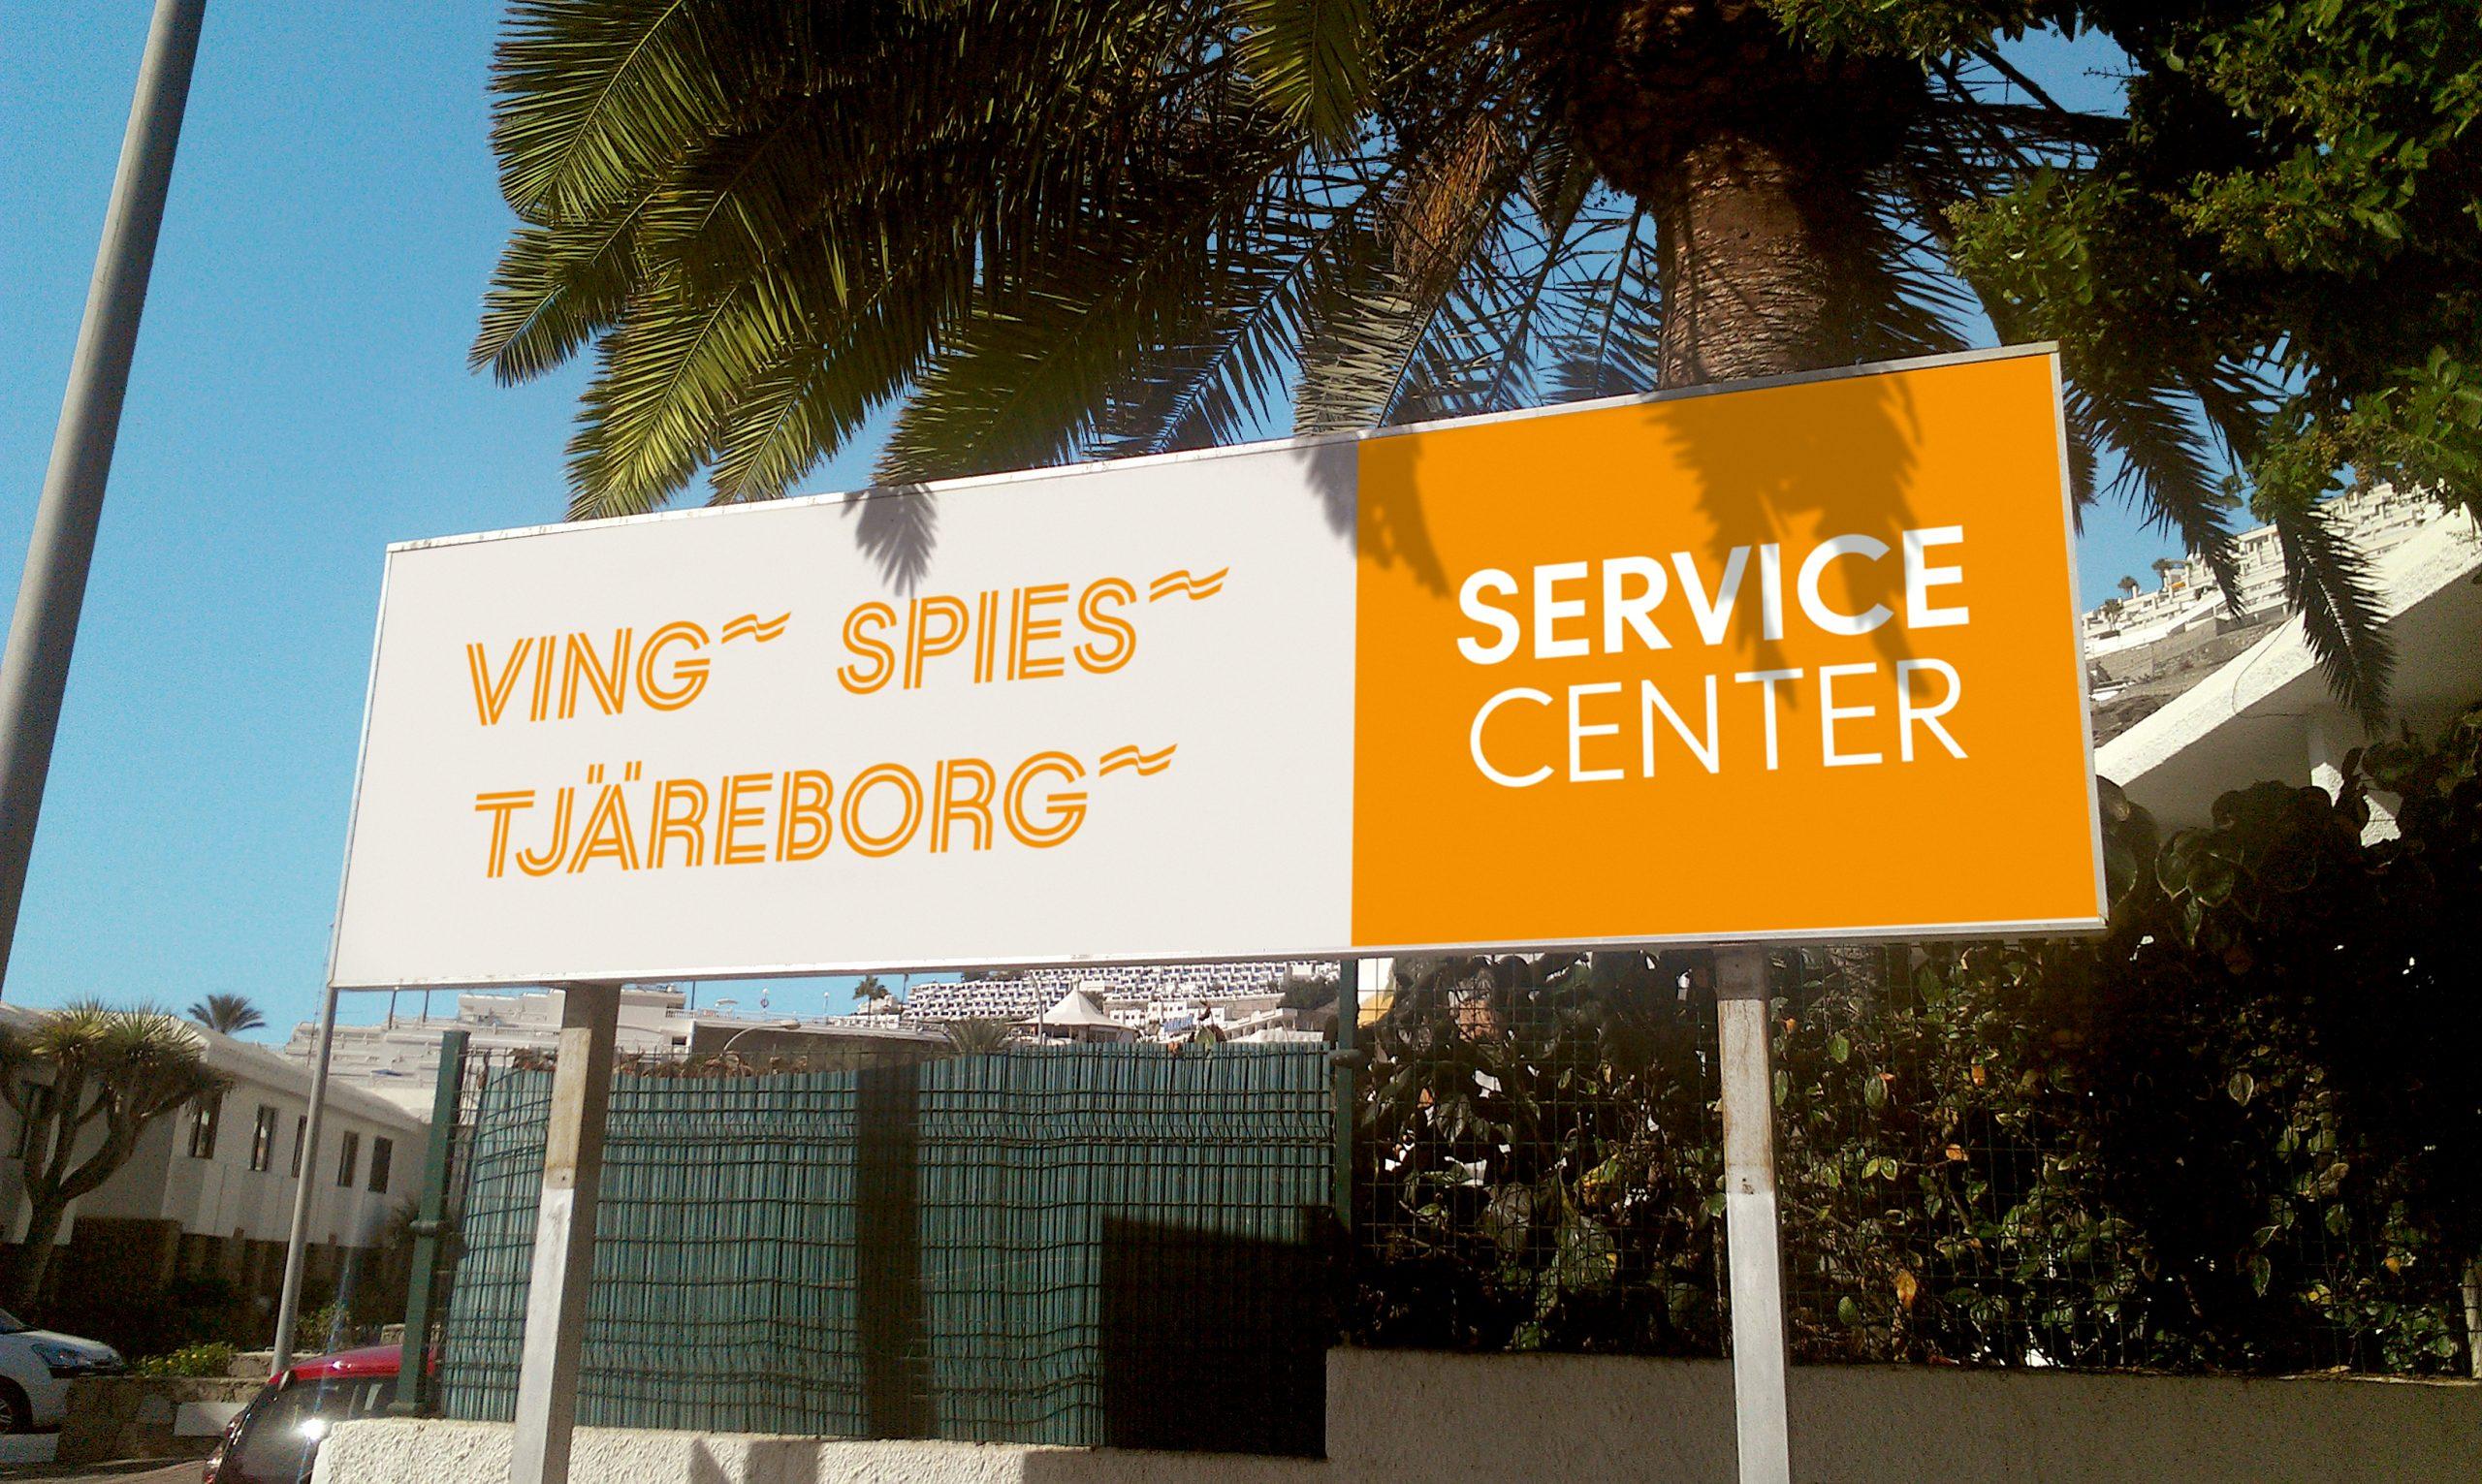 Spies udgør sammen med Ving i Sverige og Norge plus Tjäreborg i Finland de tre rejsebureauer i Nordic Leisure Travel Group. Hertil kommer blandt andet flyselskabet Sunclass Airlines. Pressefoto: Spies.